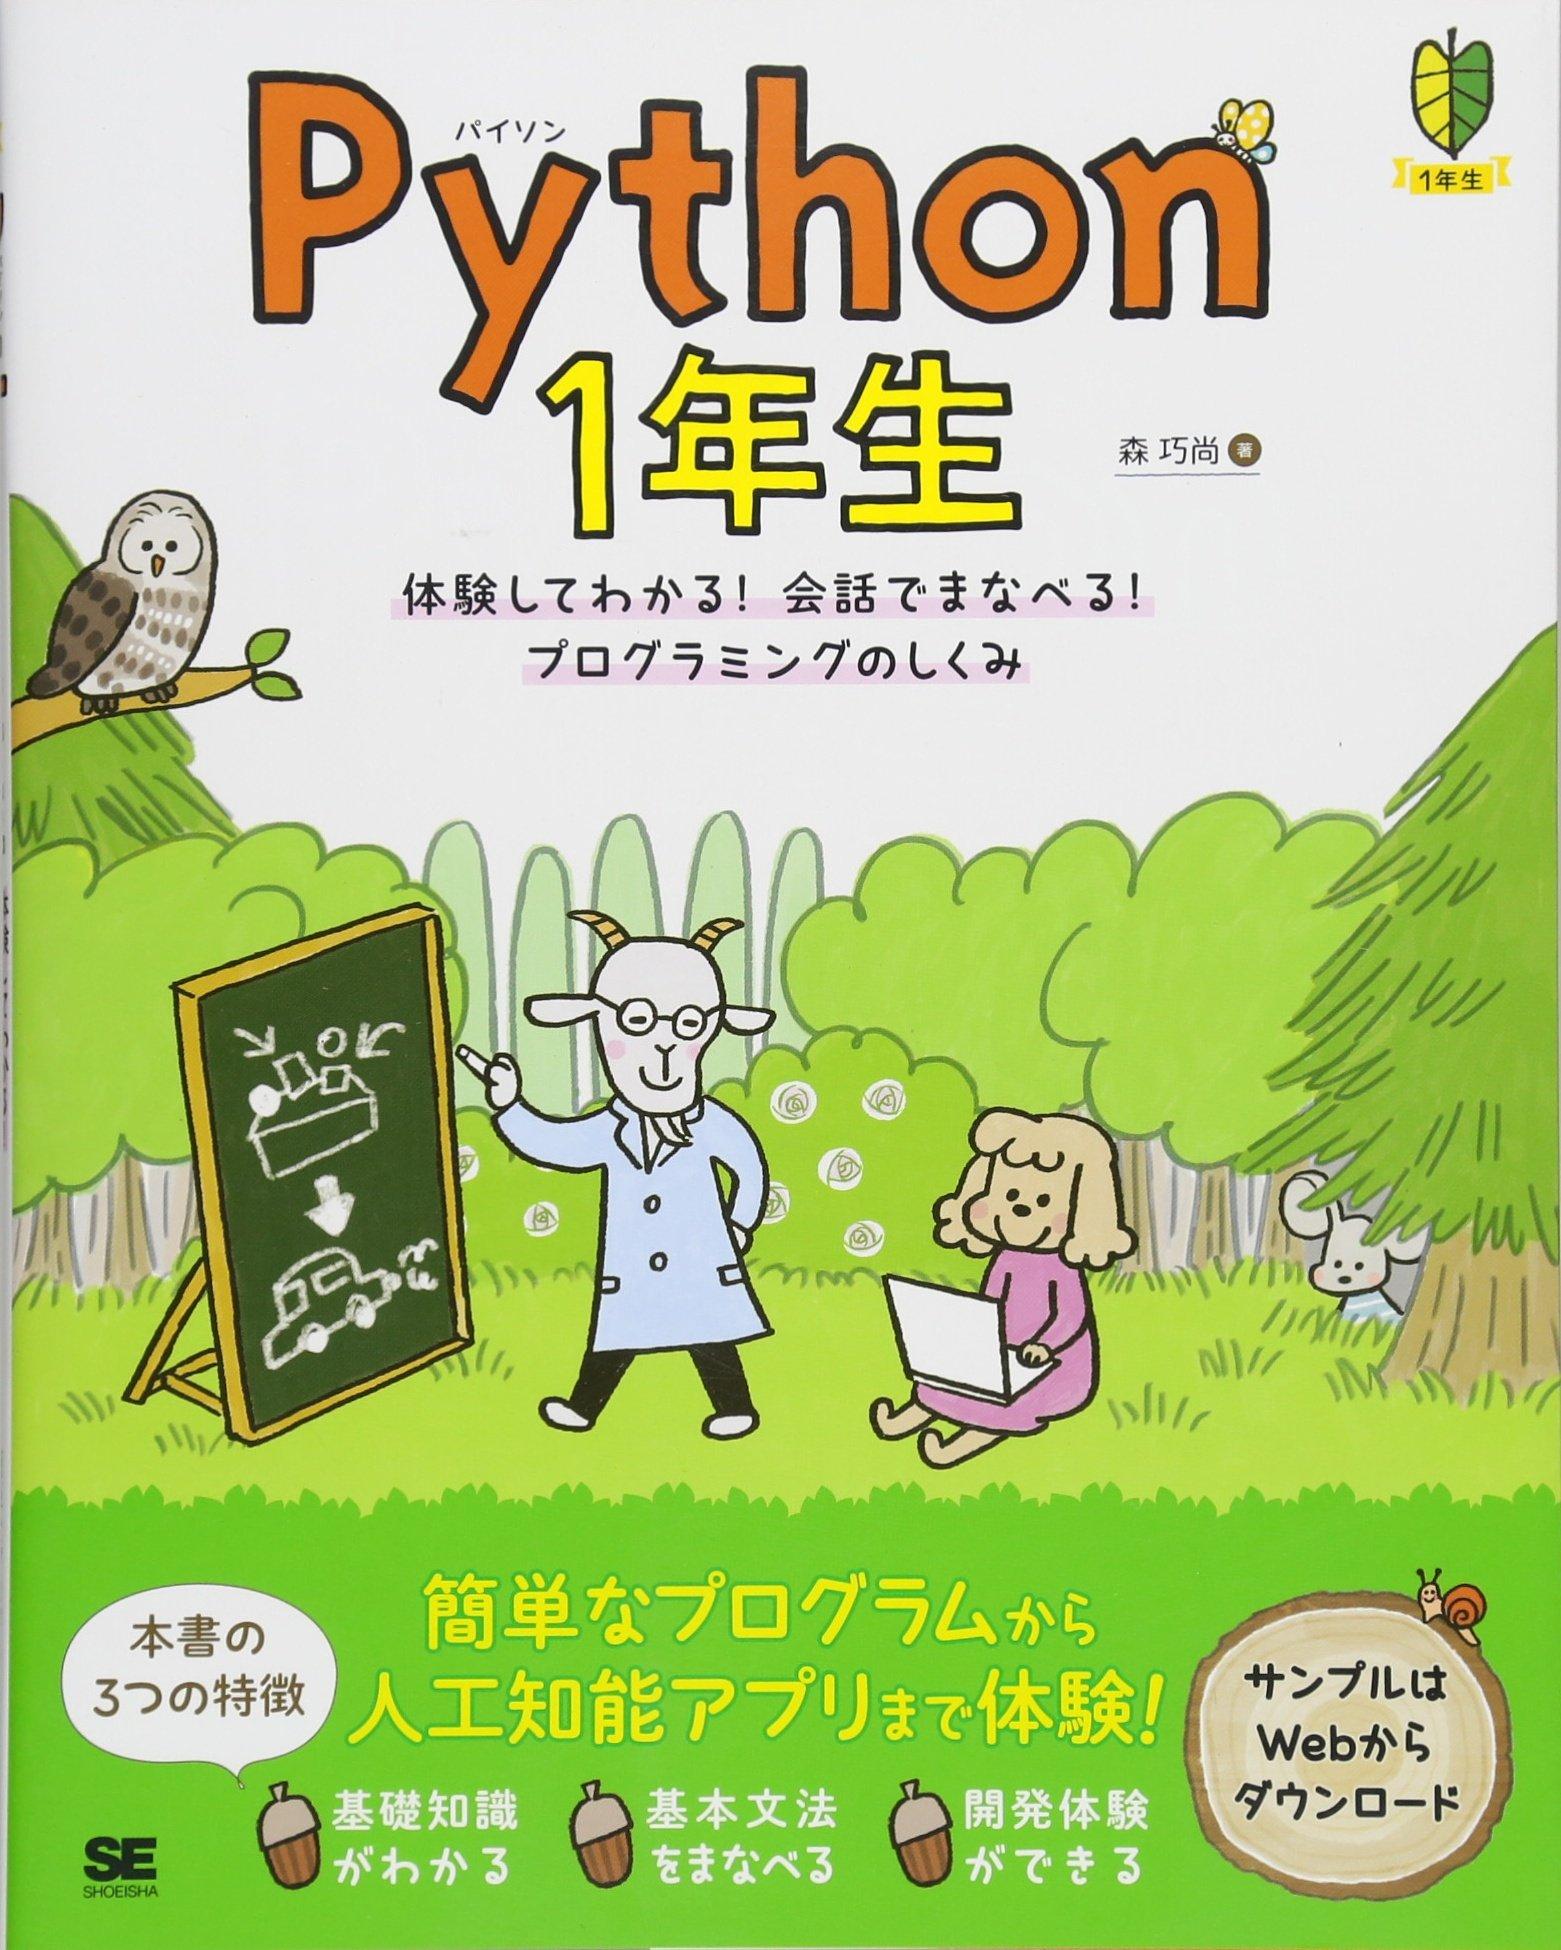 Pythonのチュートリアルを学習できる本やWebサイトまとめ